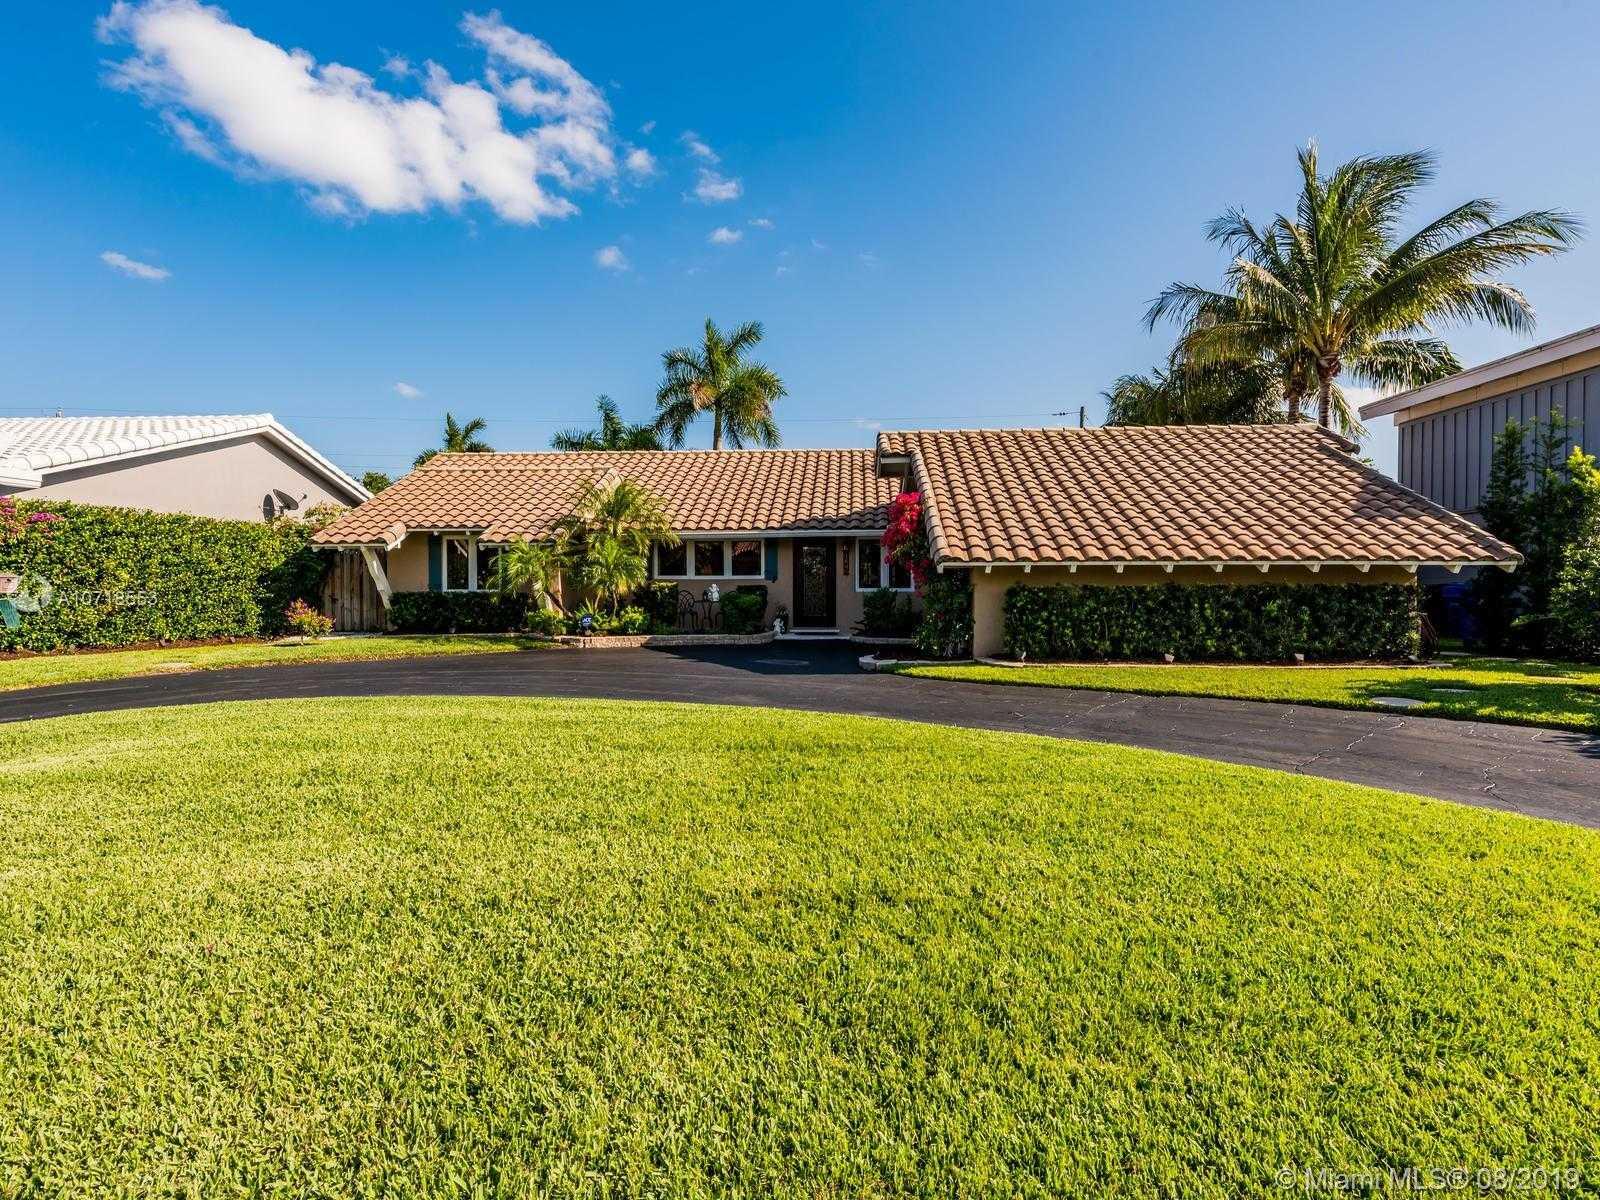 $619,000 - 3Br/2Ba -  for Sale in Coral Highlands, Fort Lauderdale